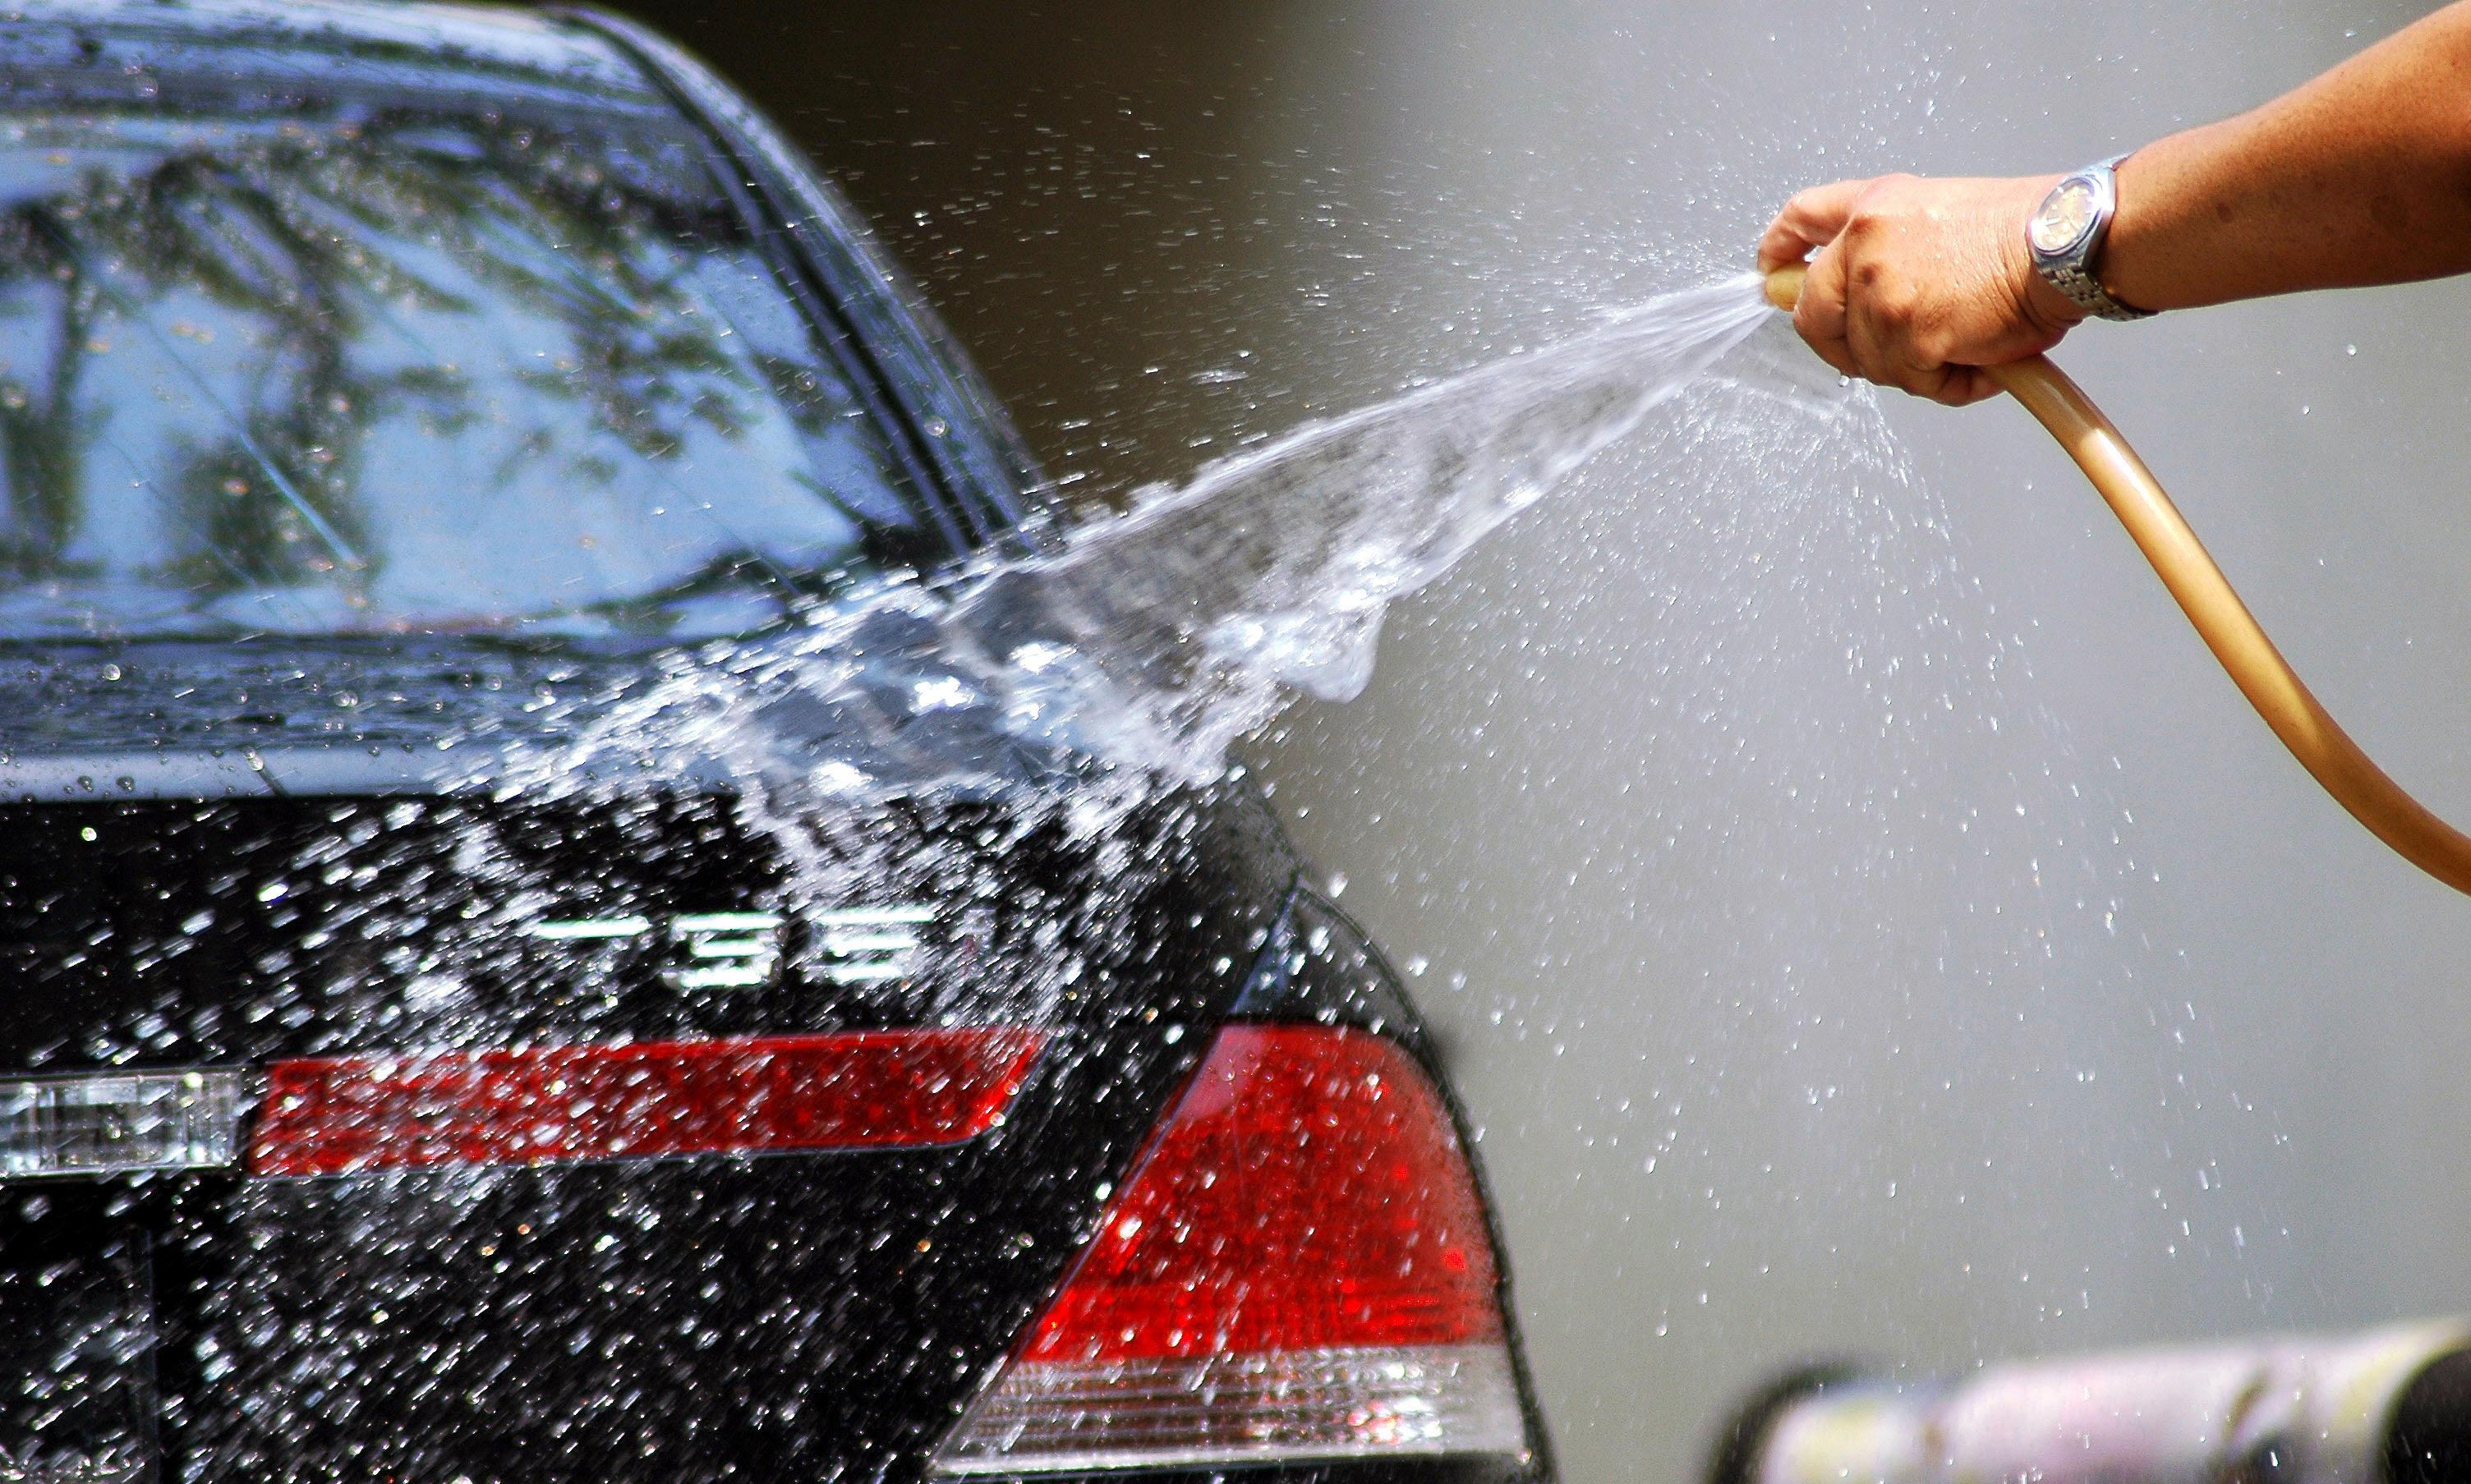 Повторное использование технической воды для мытья машины